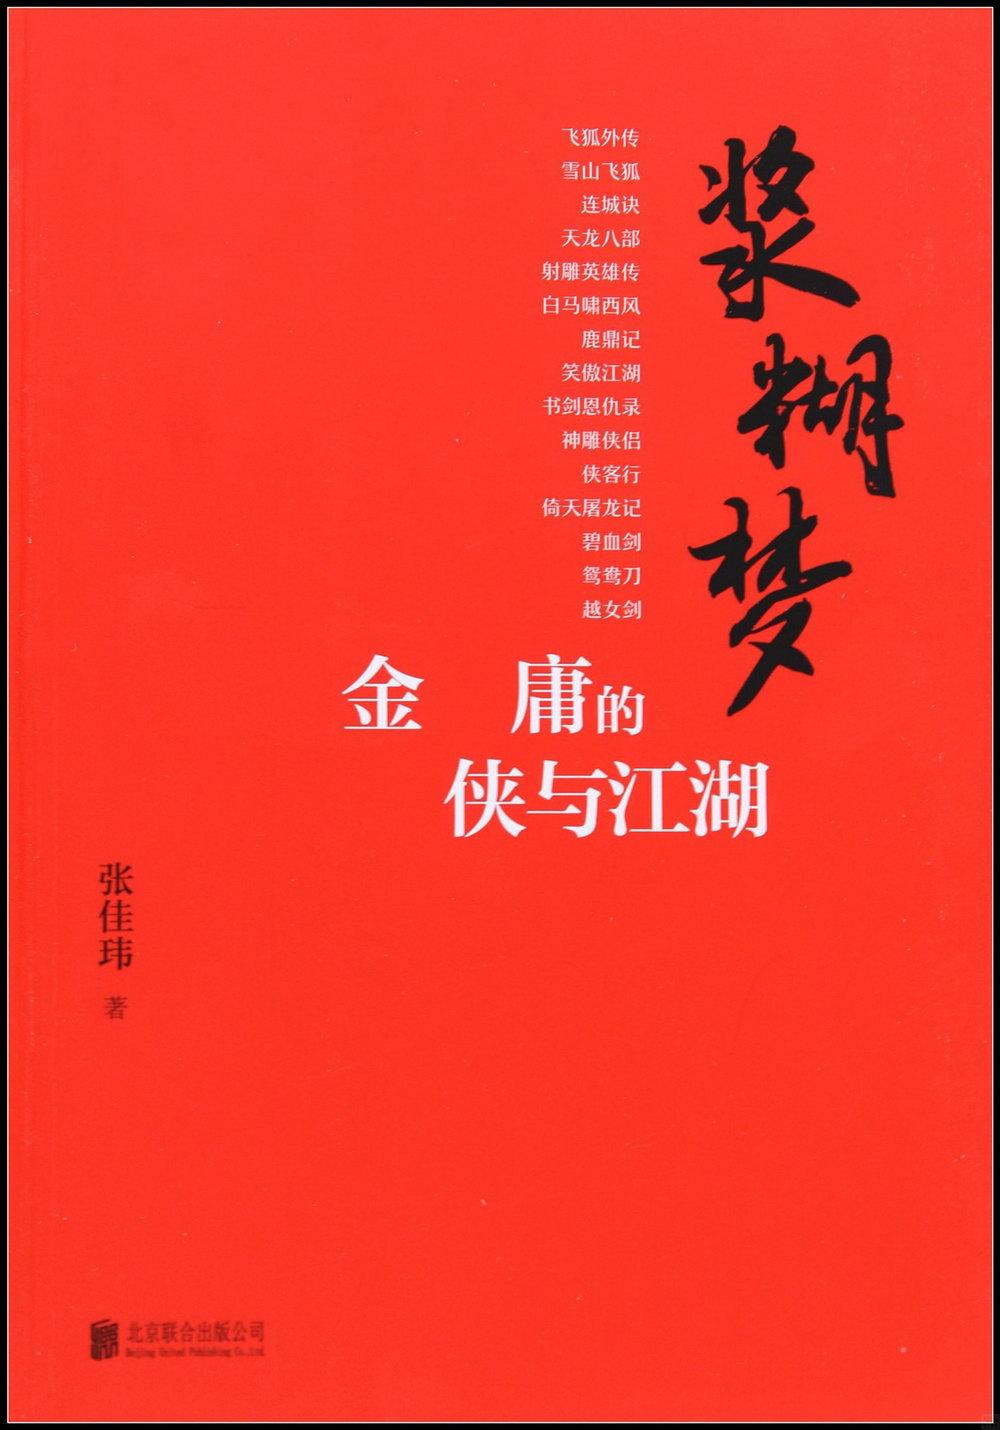 漿糊夢:金庸的俠與江湖